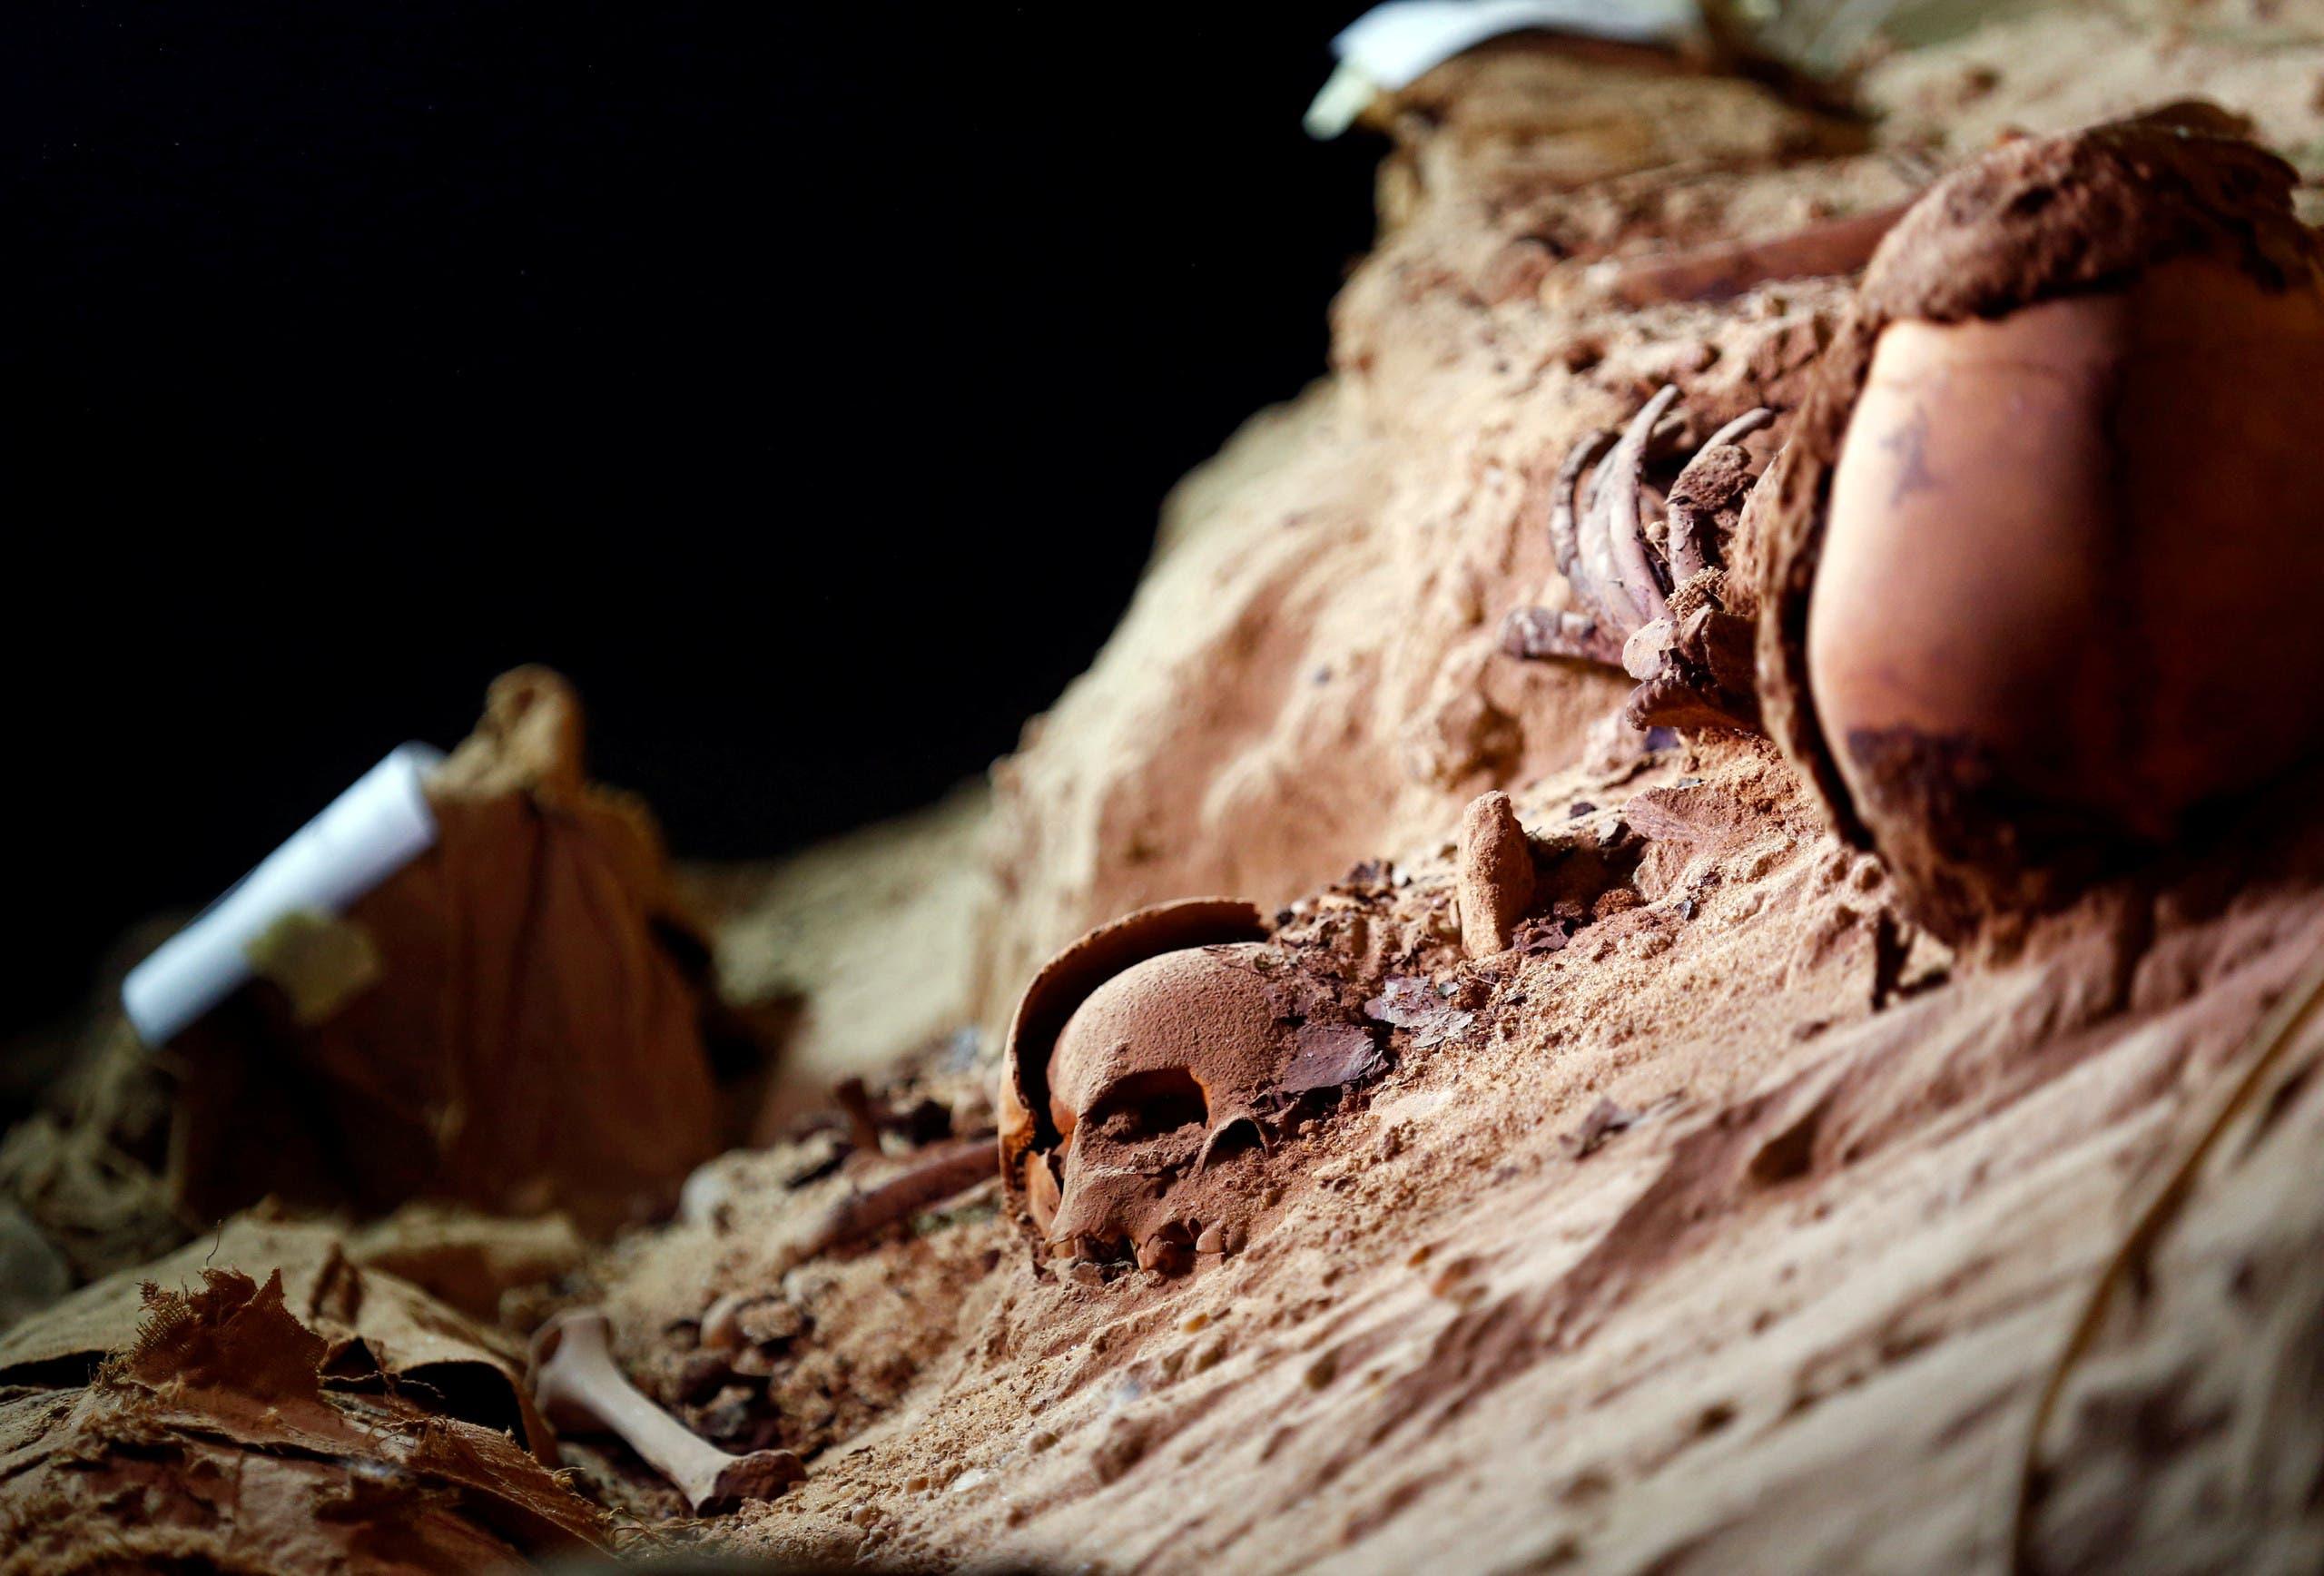 بعض الجماجم المدفونة في الرمال داخل السرداب